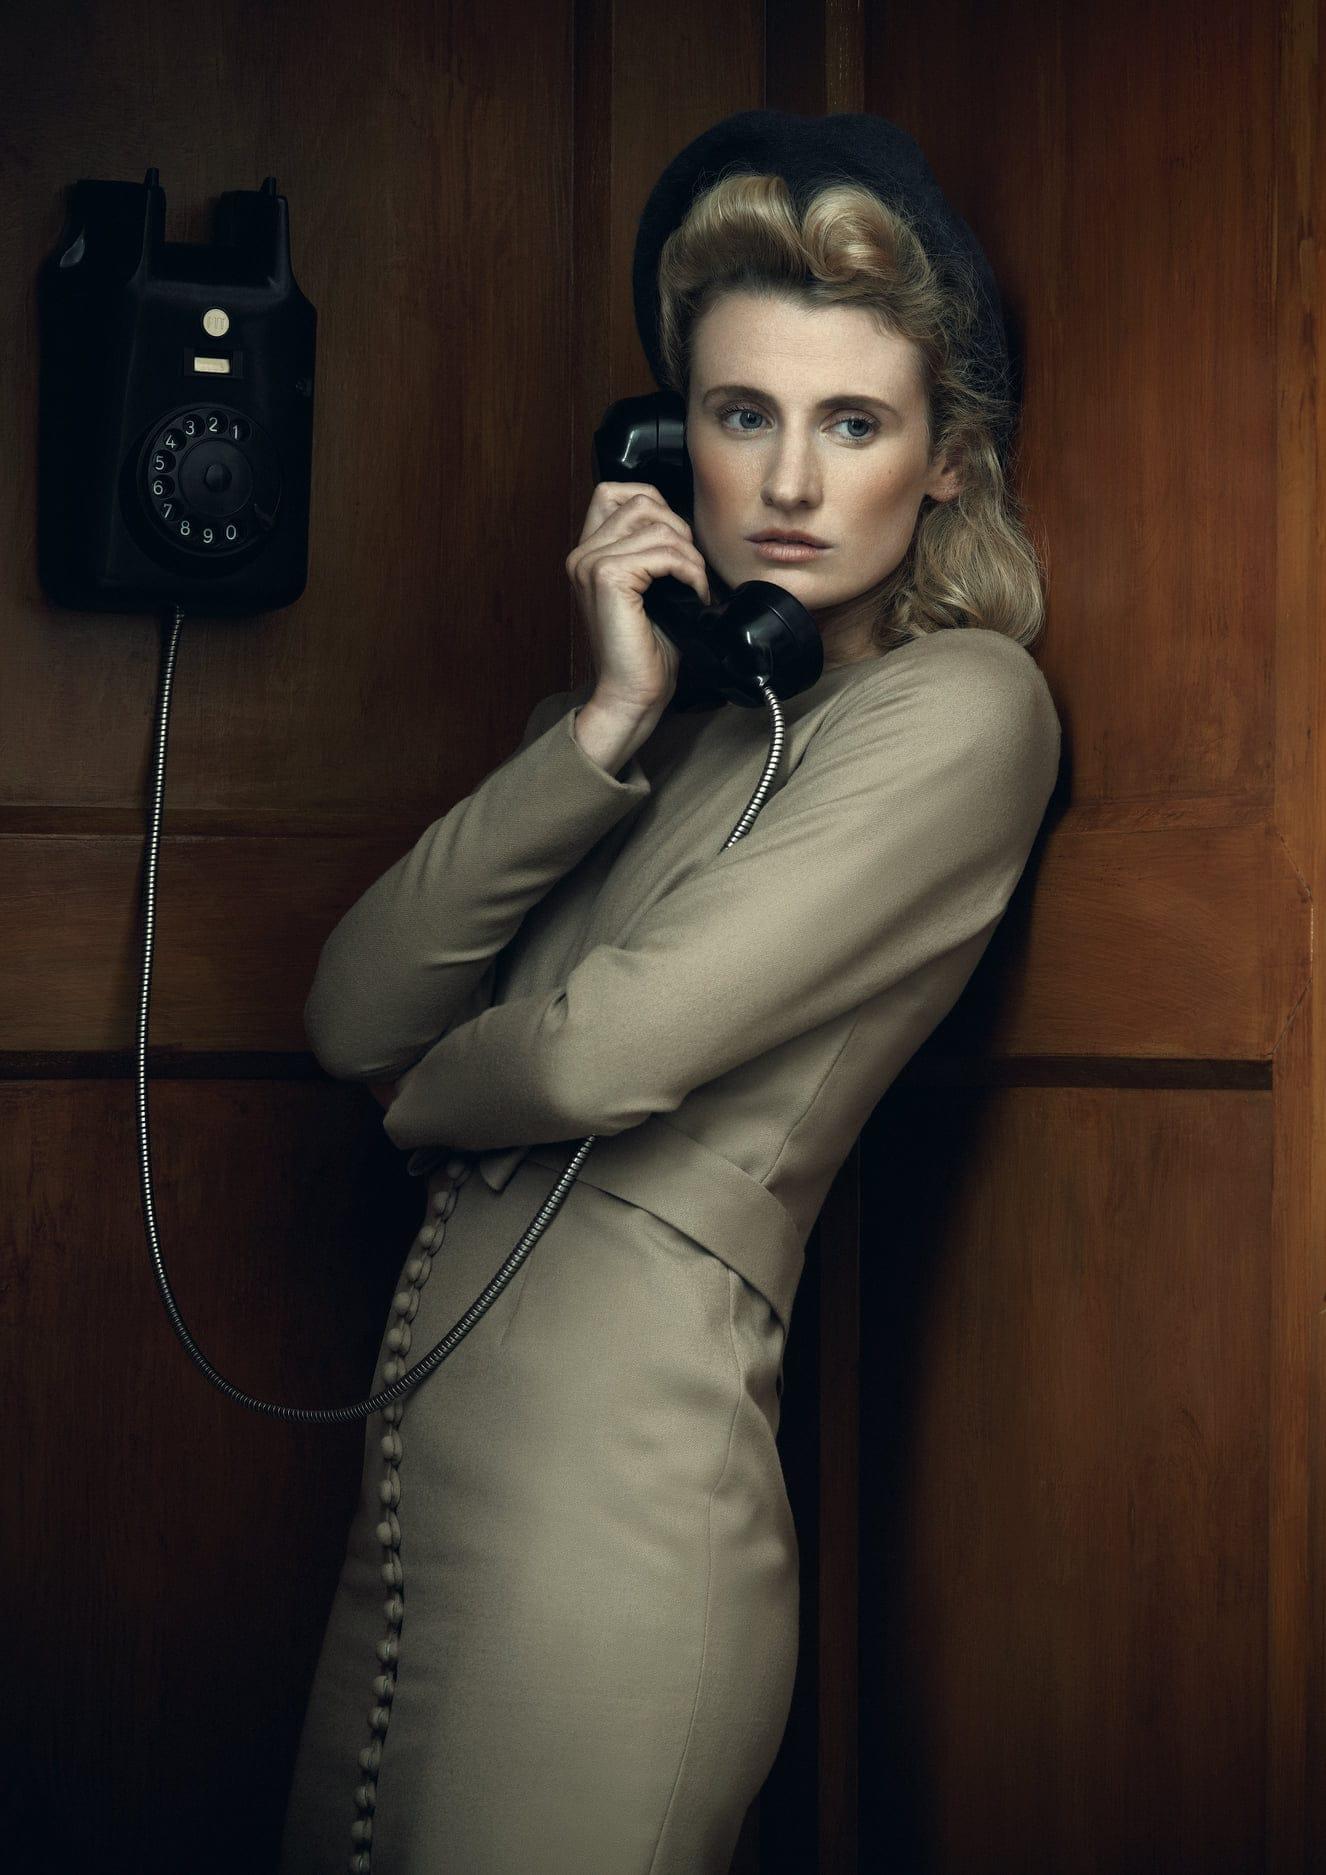 Model belt met een ouderwetse telefoon